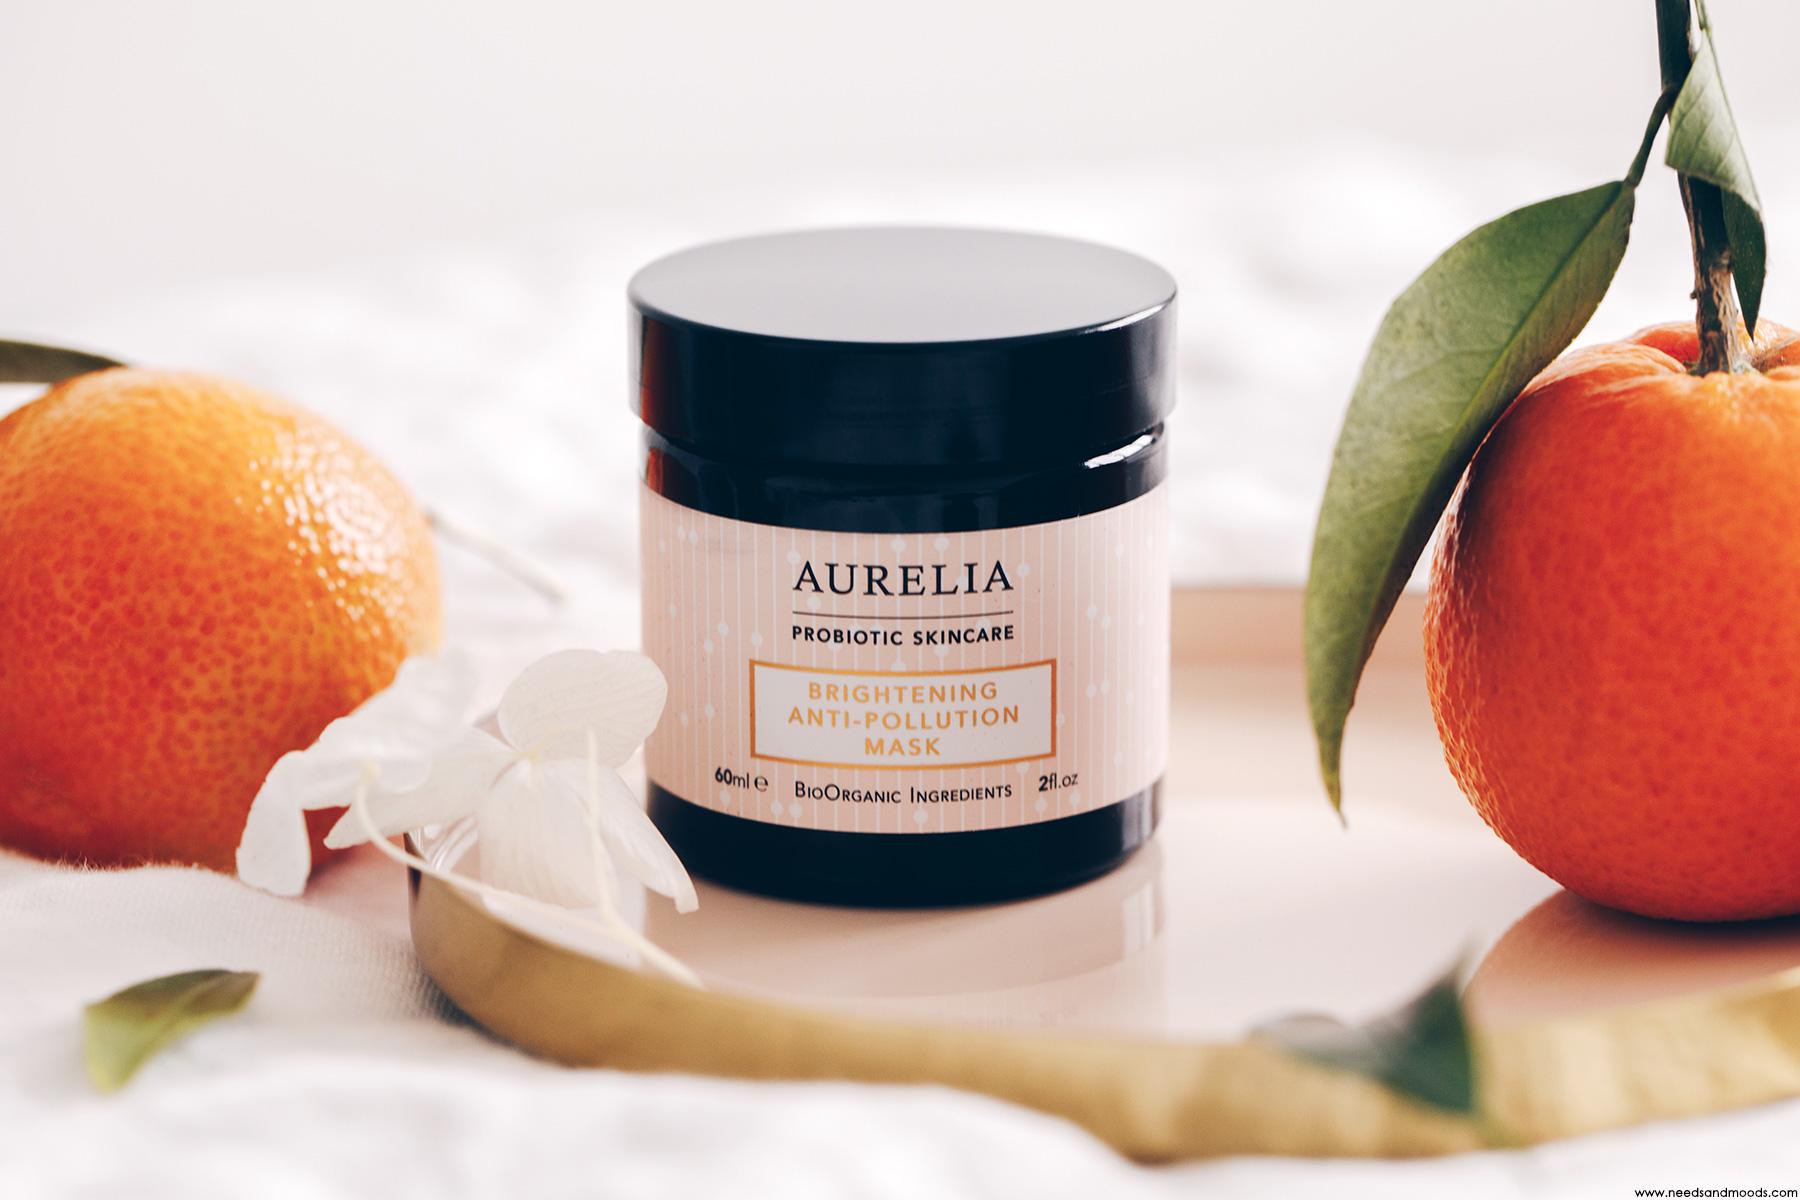 brightening anti-pollution mask aurelia probiotic test avis